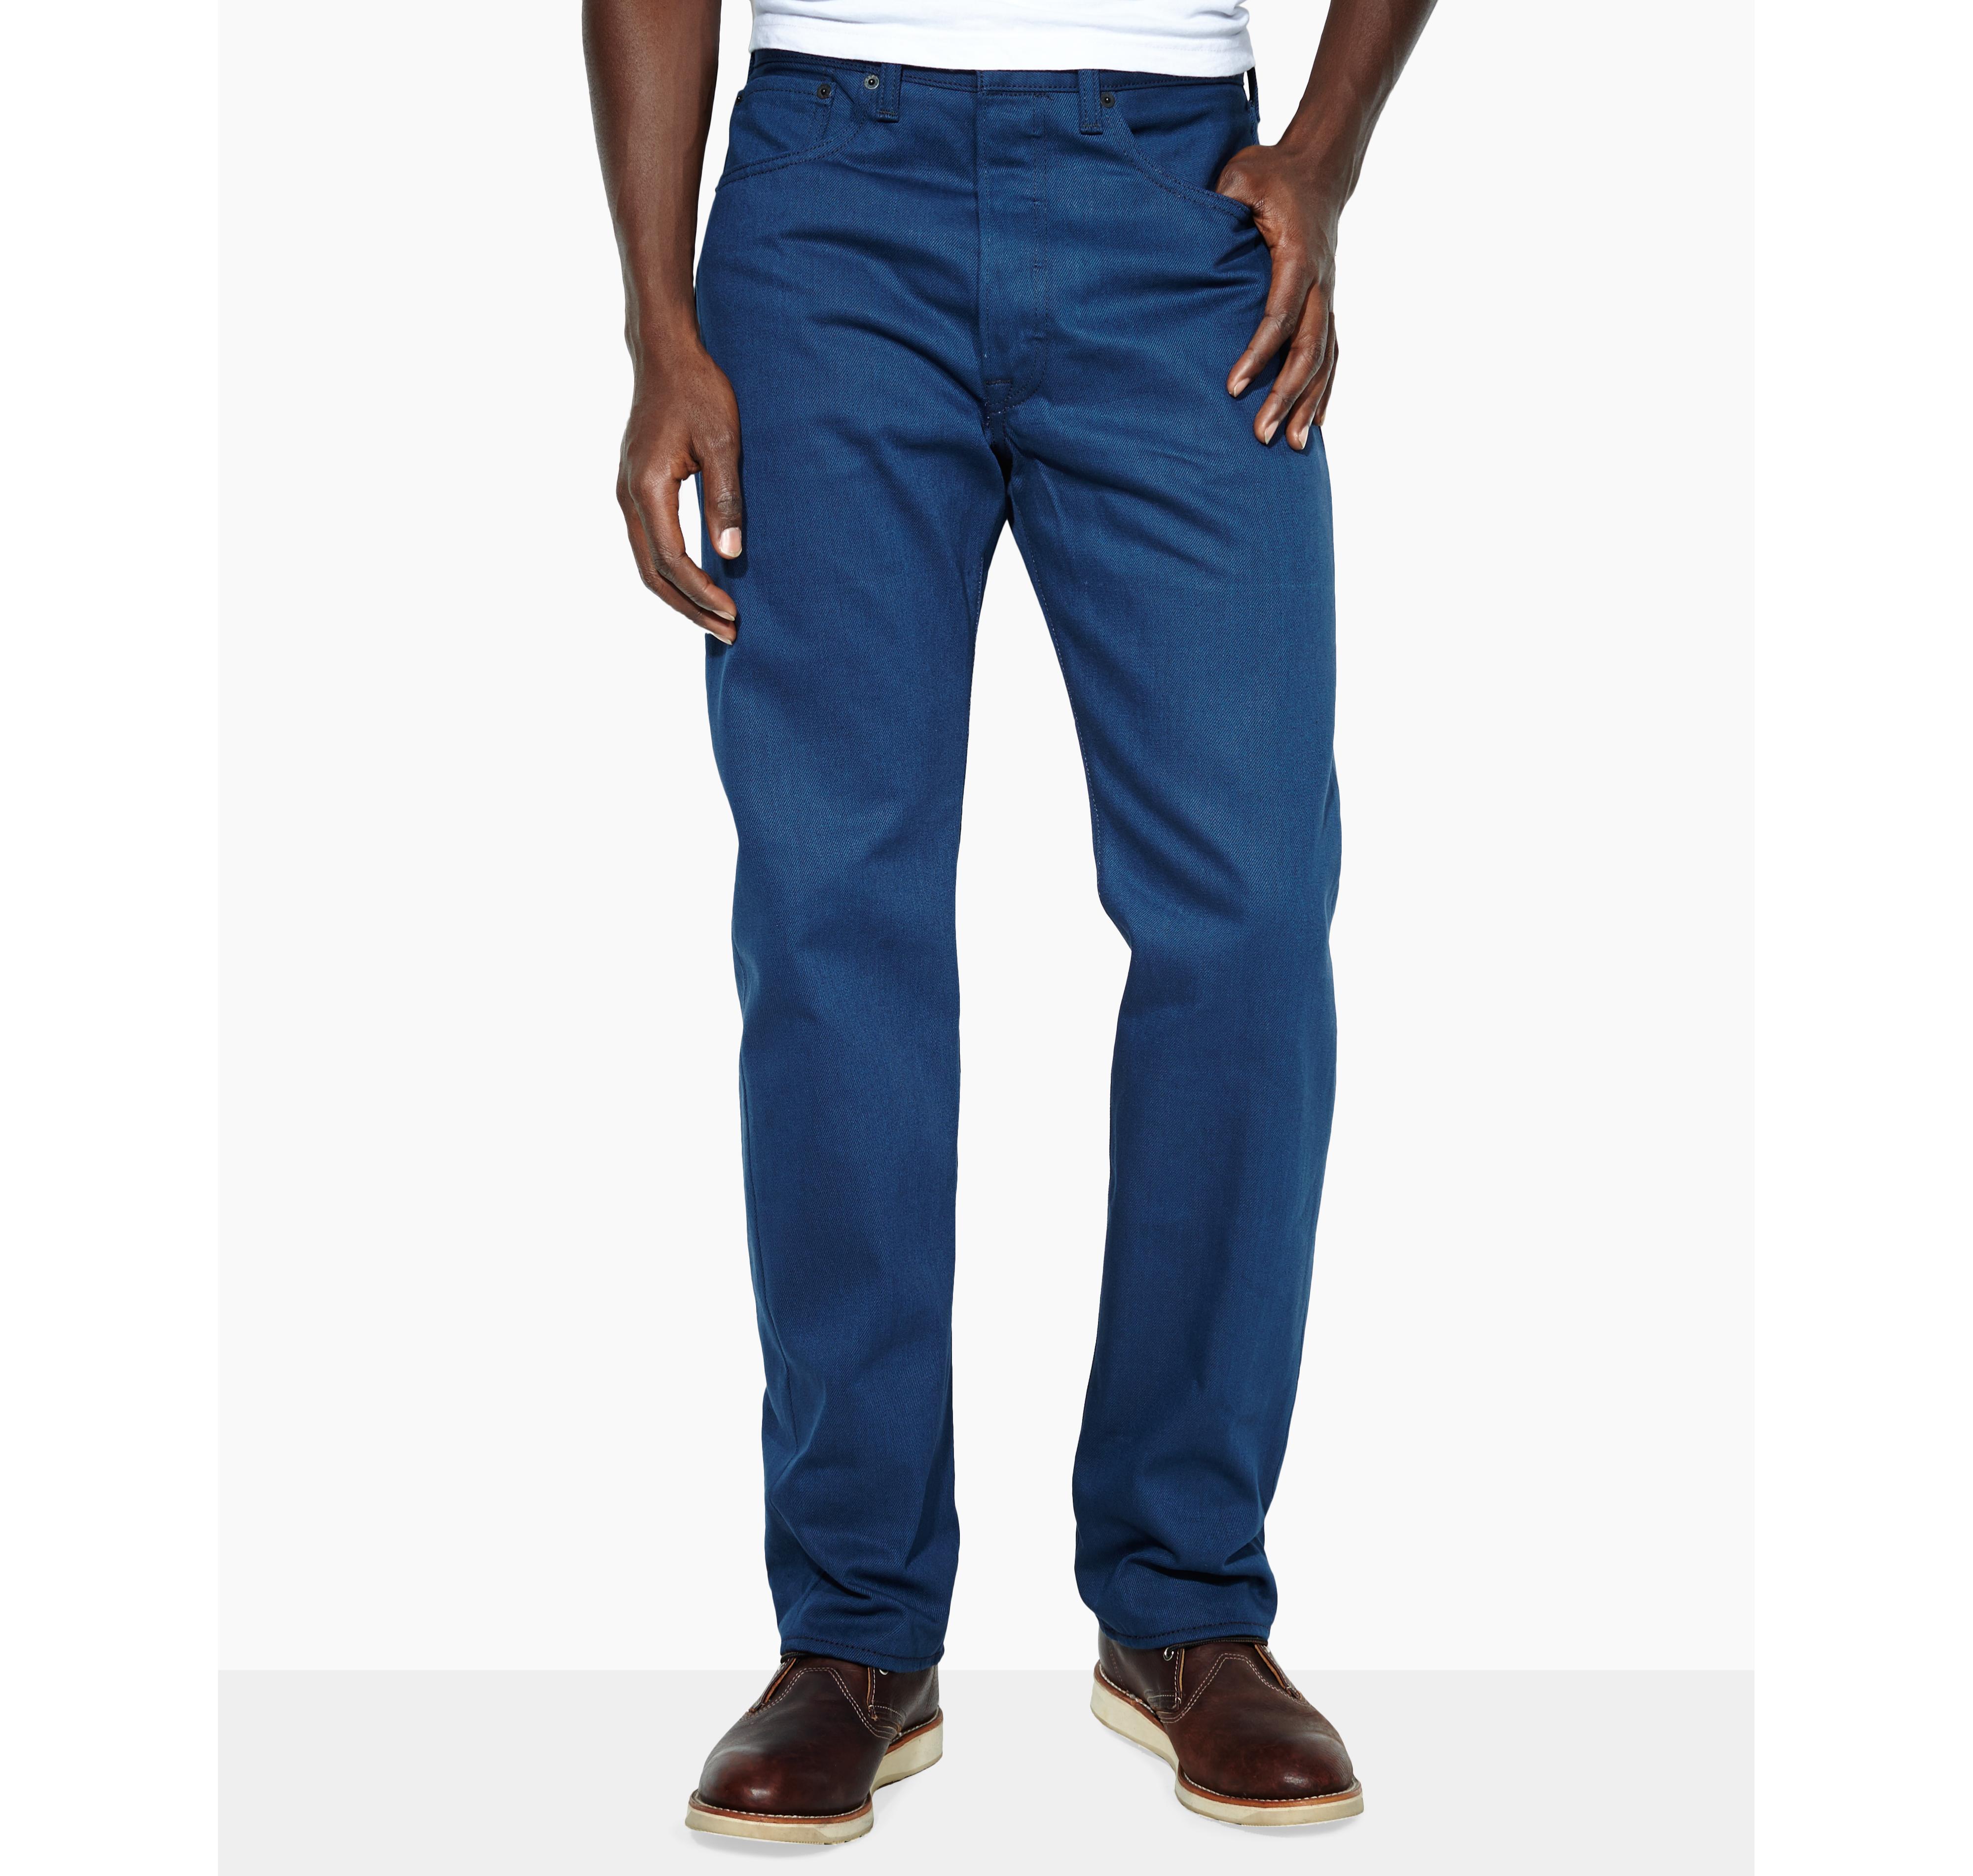 Levi's 501 Original Shrink-to-Fit Cobalt Blue Wash Jeans